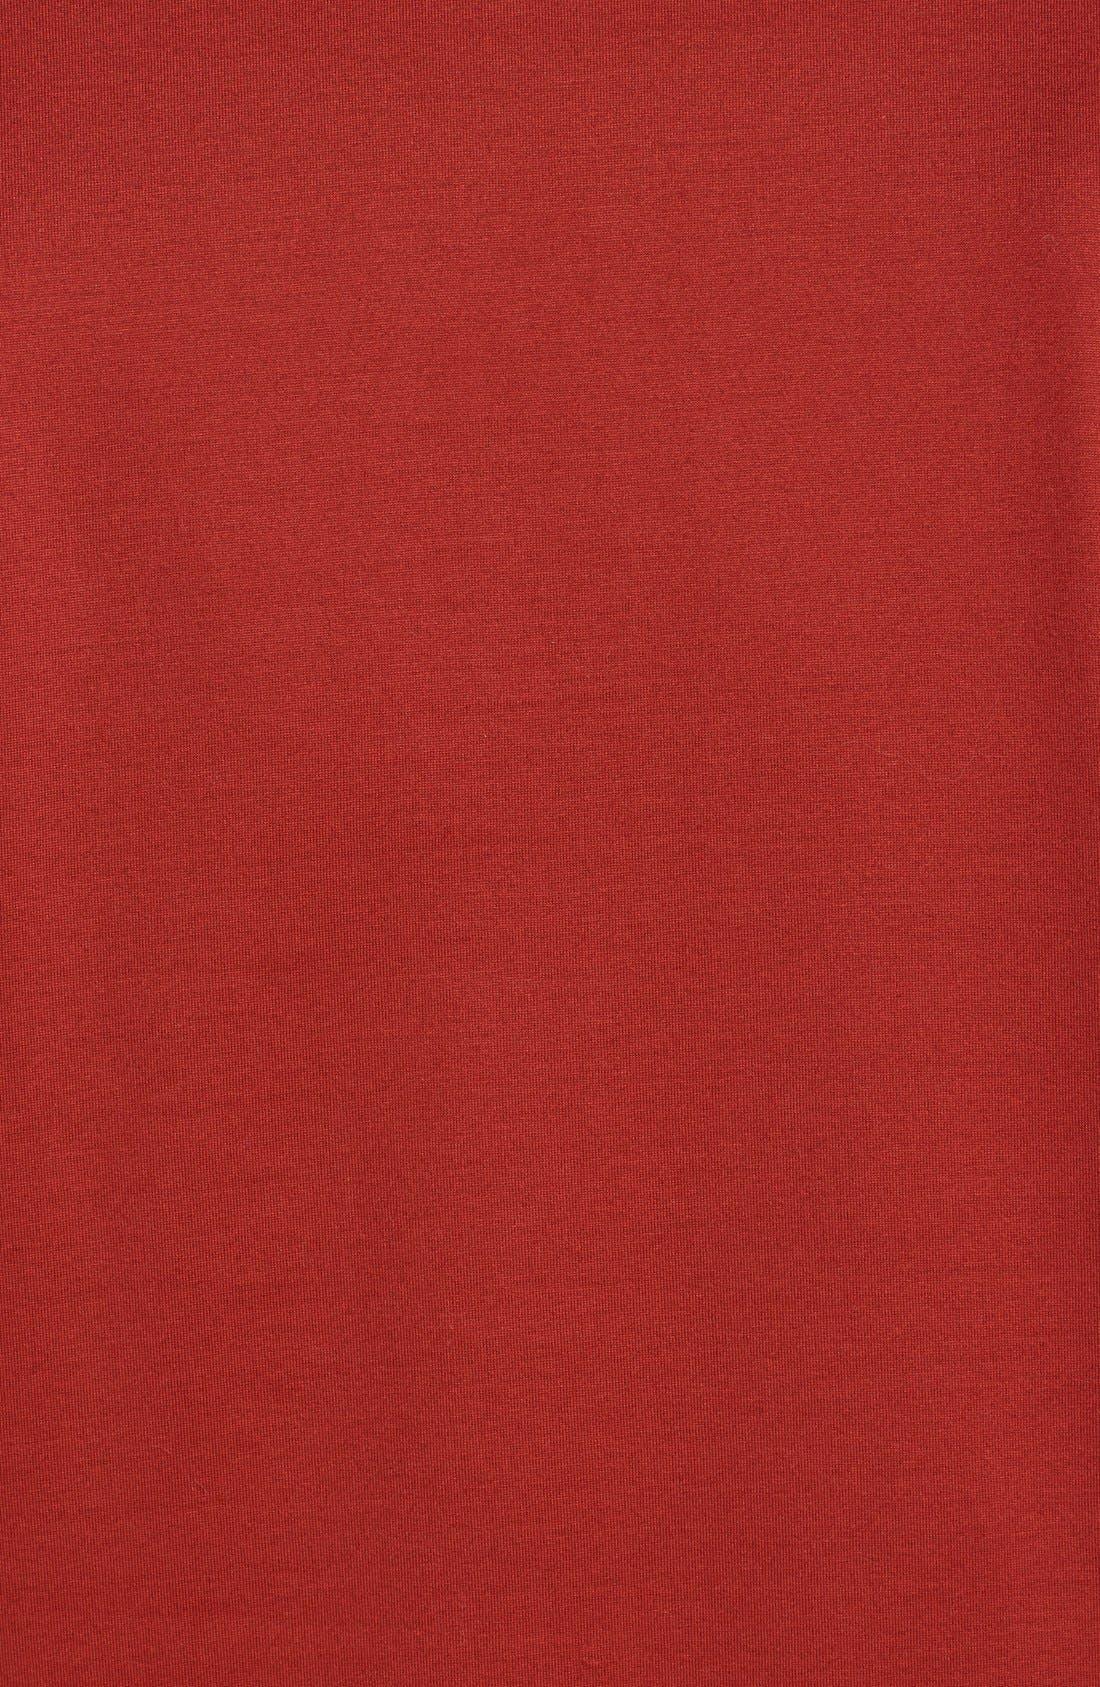 Alternate Image 3  - Peter Millar Egyptian Cotton Polo